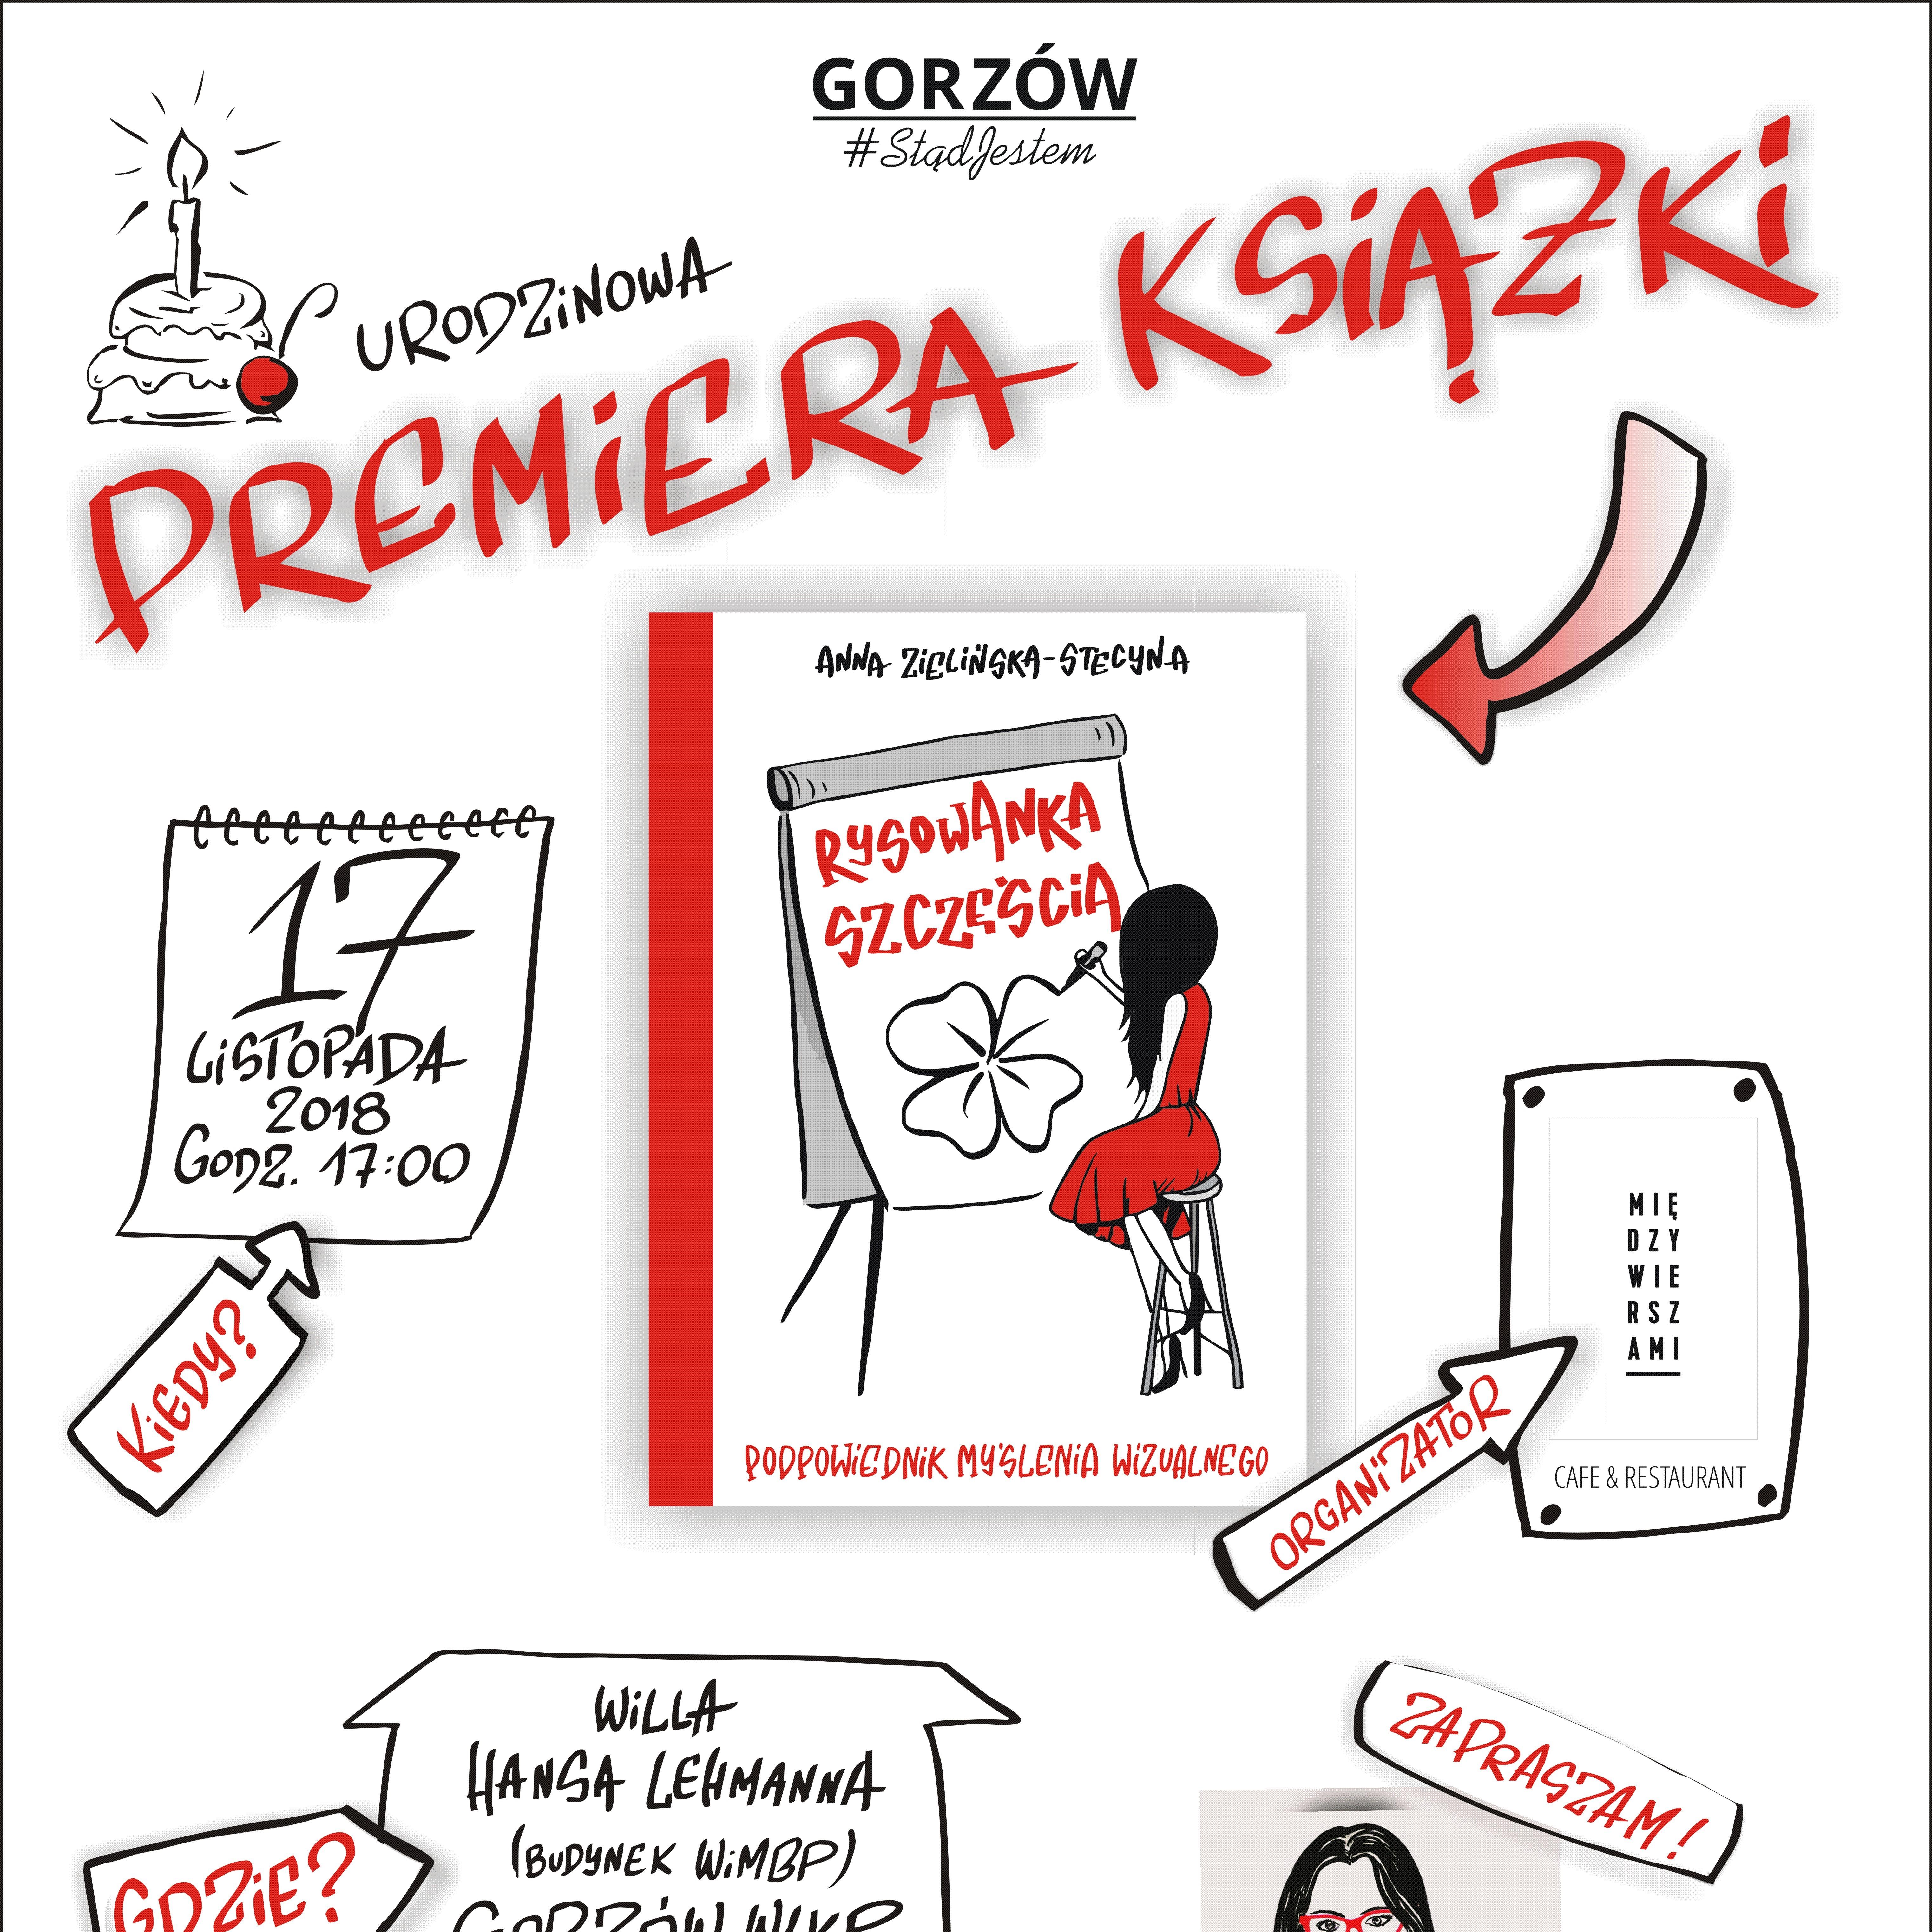 AVENHANSEN sponsorem książki Anny Zielińskiej-Stecyna (rysowAnka)